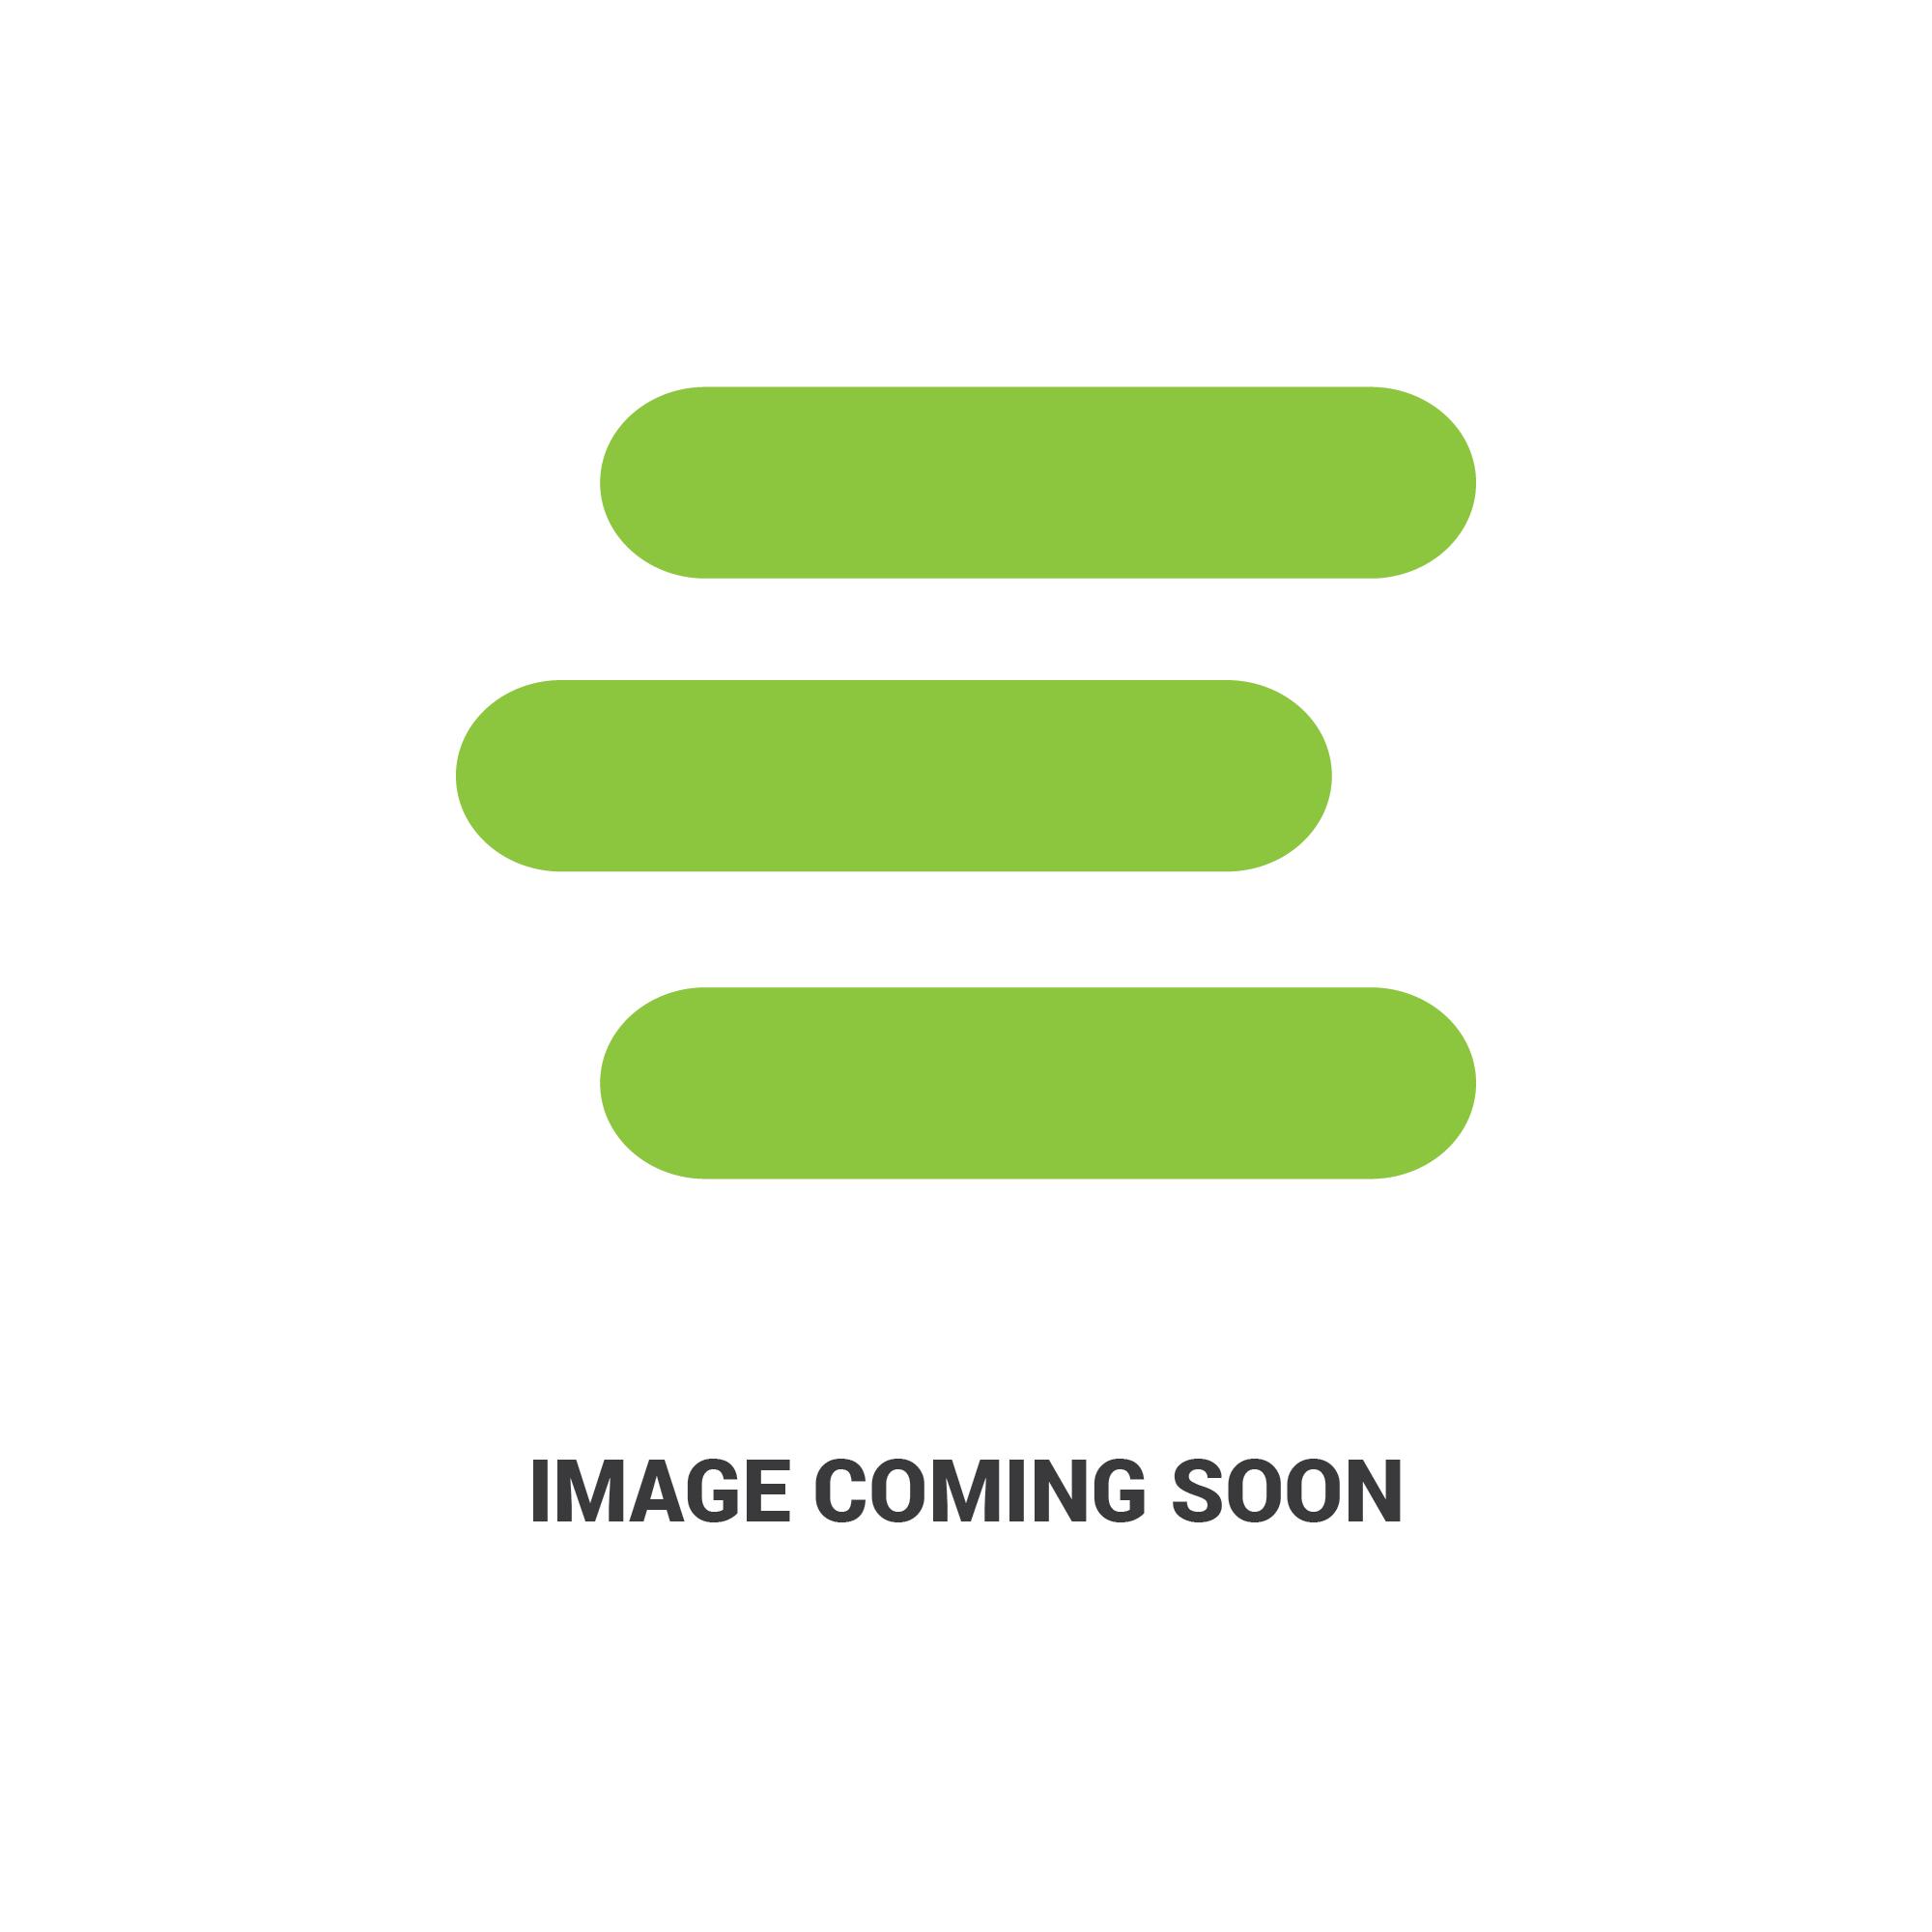 E-6C040-41410edit 2.jpg